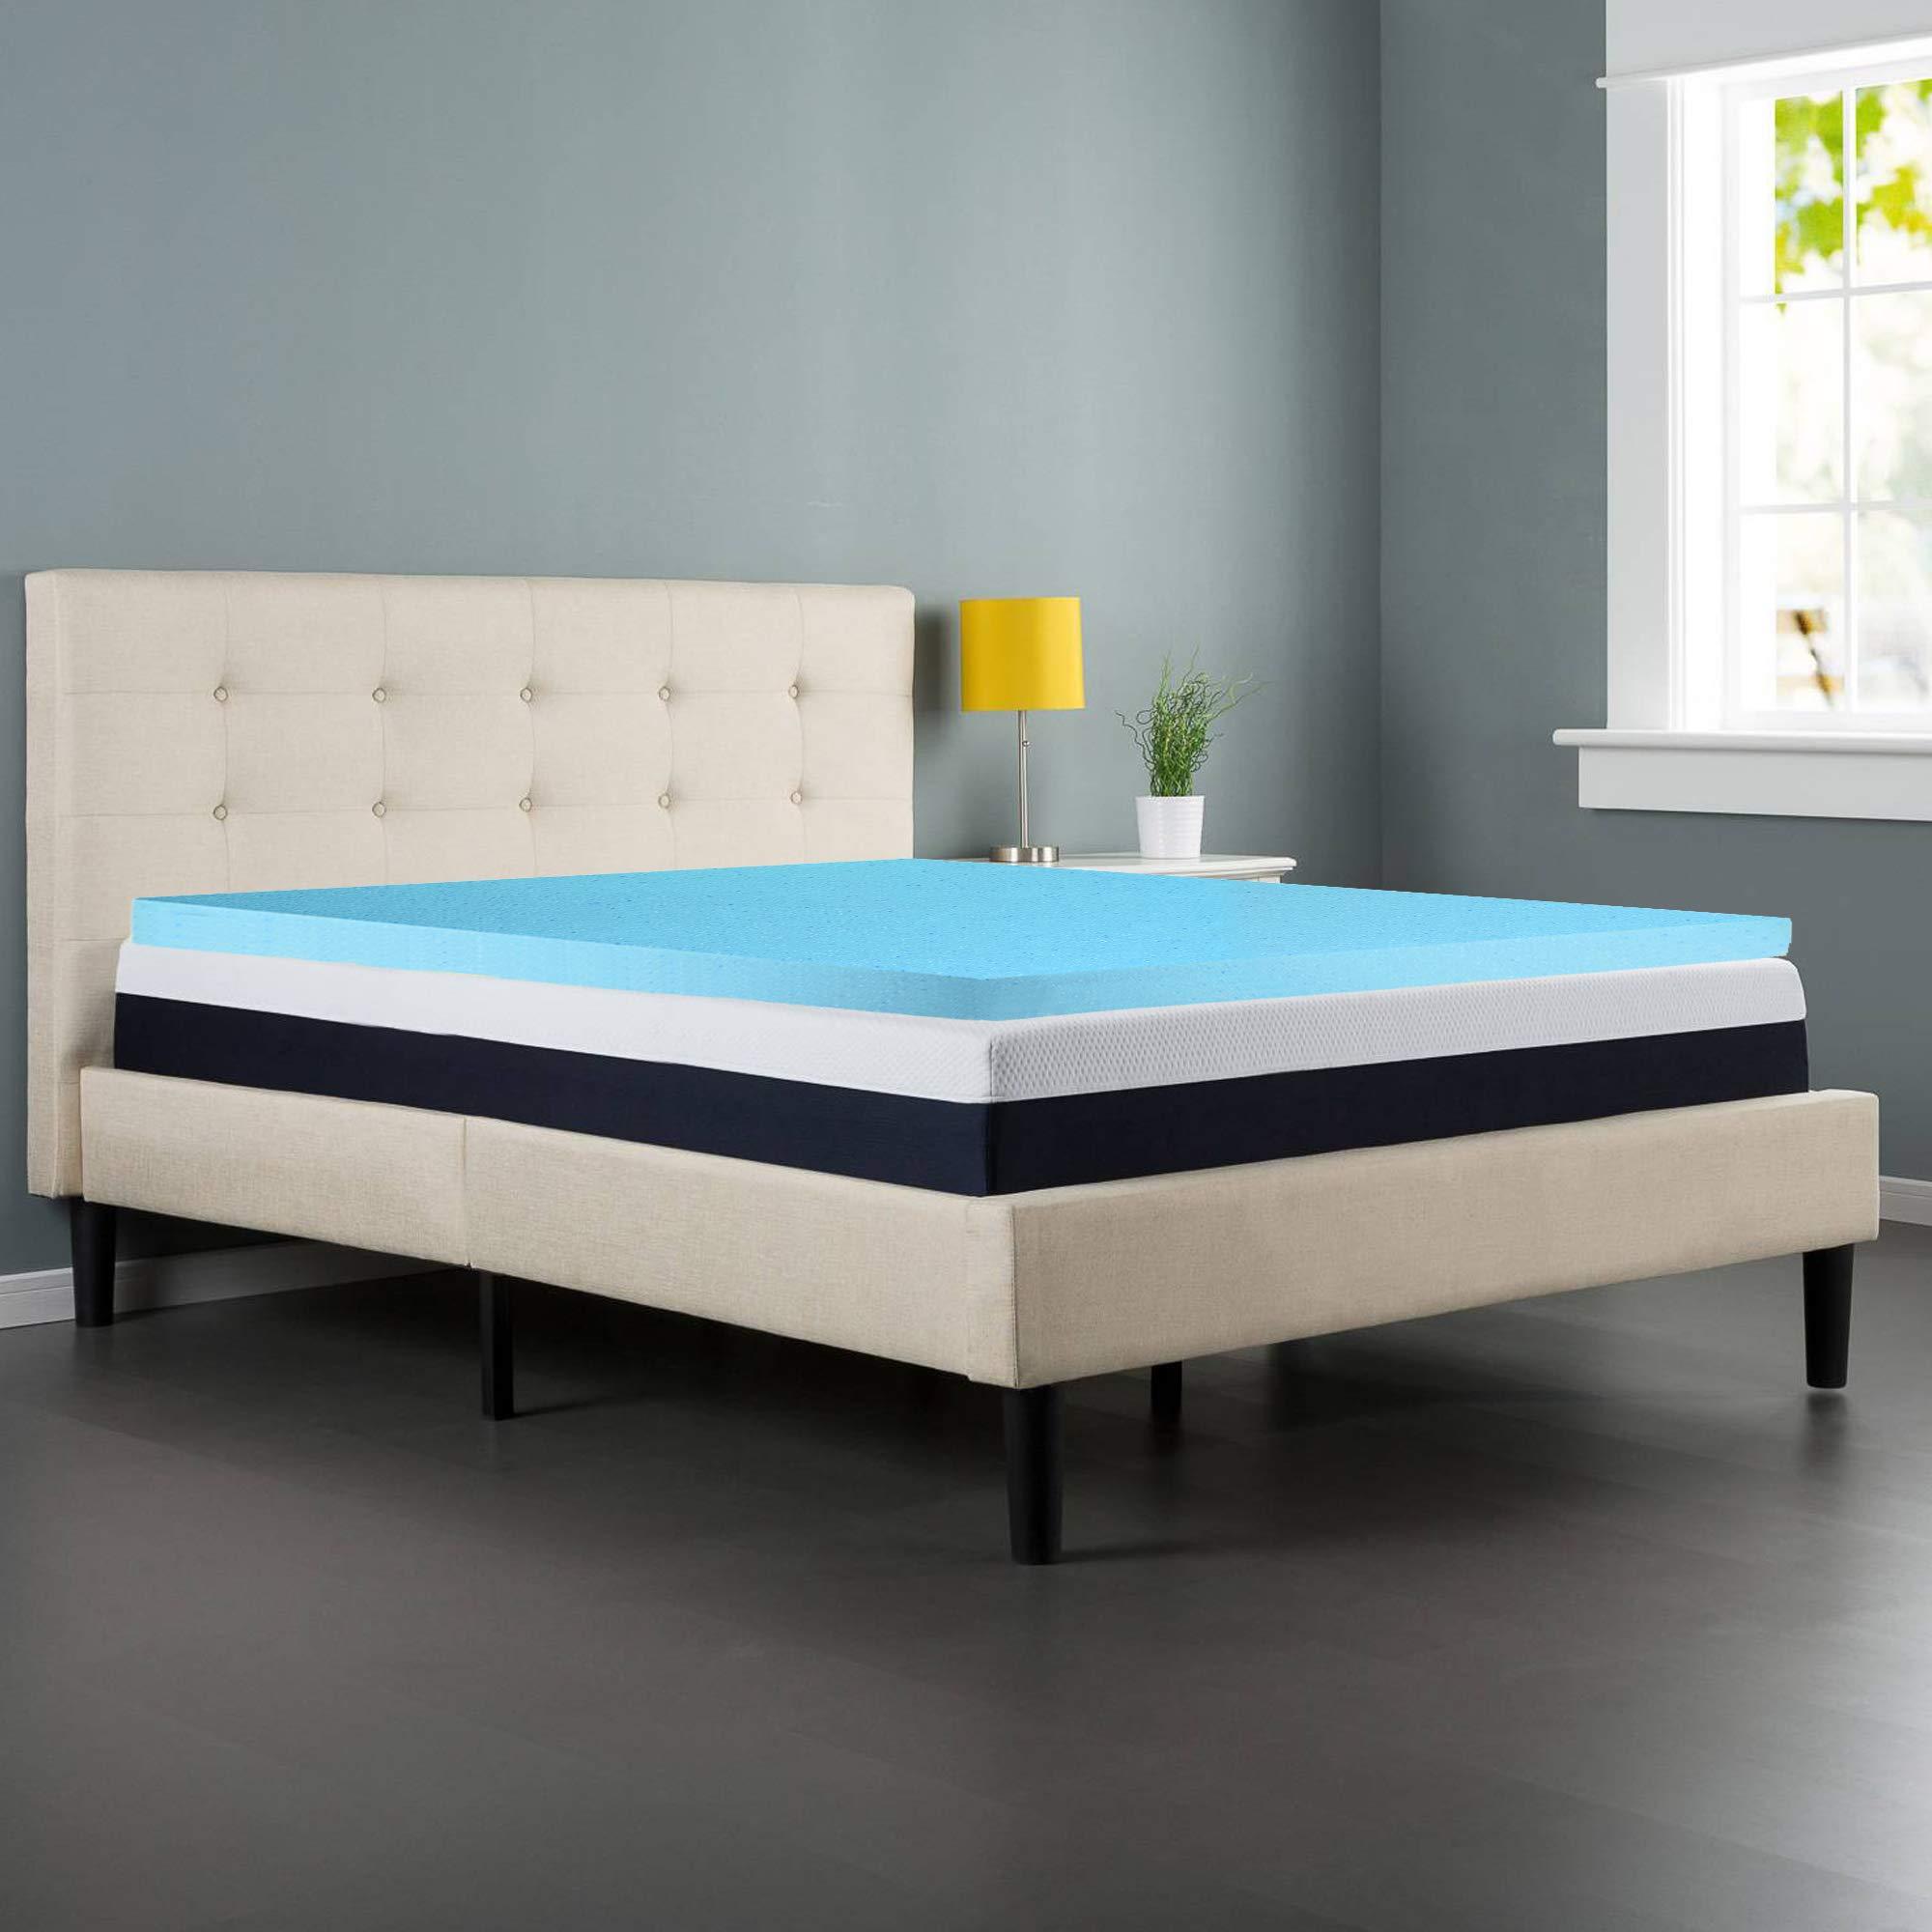 Mattress Solution 2-Inch High Density Gel Foam Topper,Adds Comfort to Mattress, King by Mattress Solution